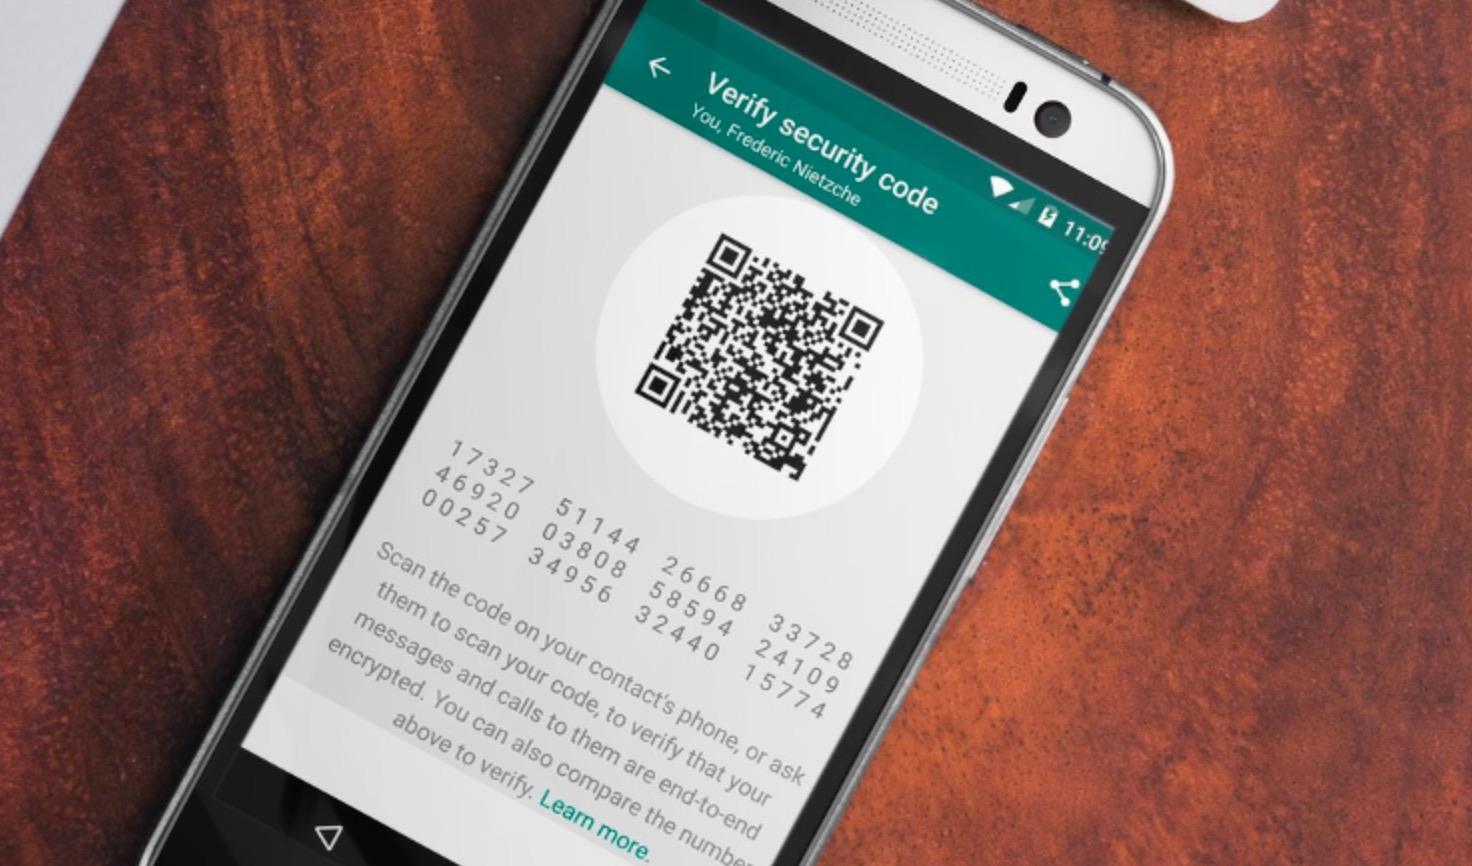 WhatsApp crittografia: cos'è e come funziona